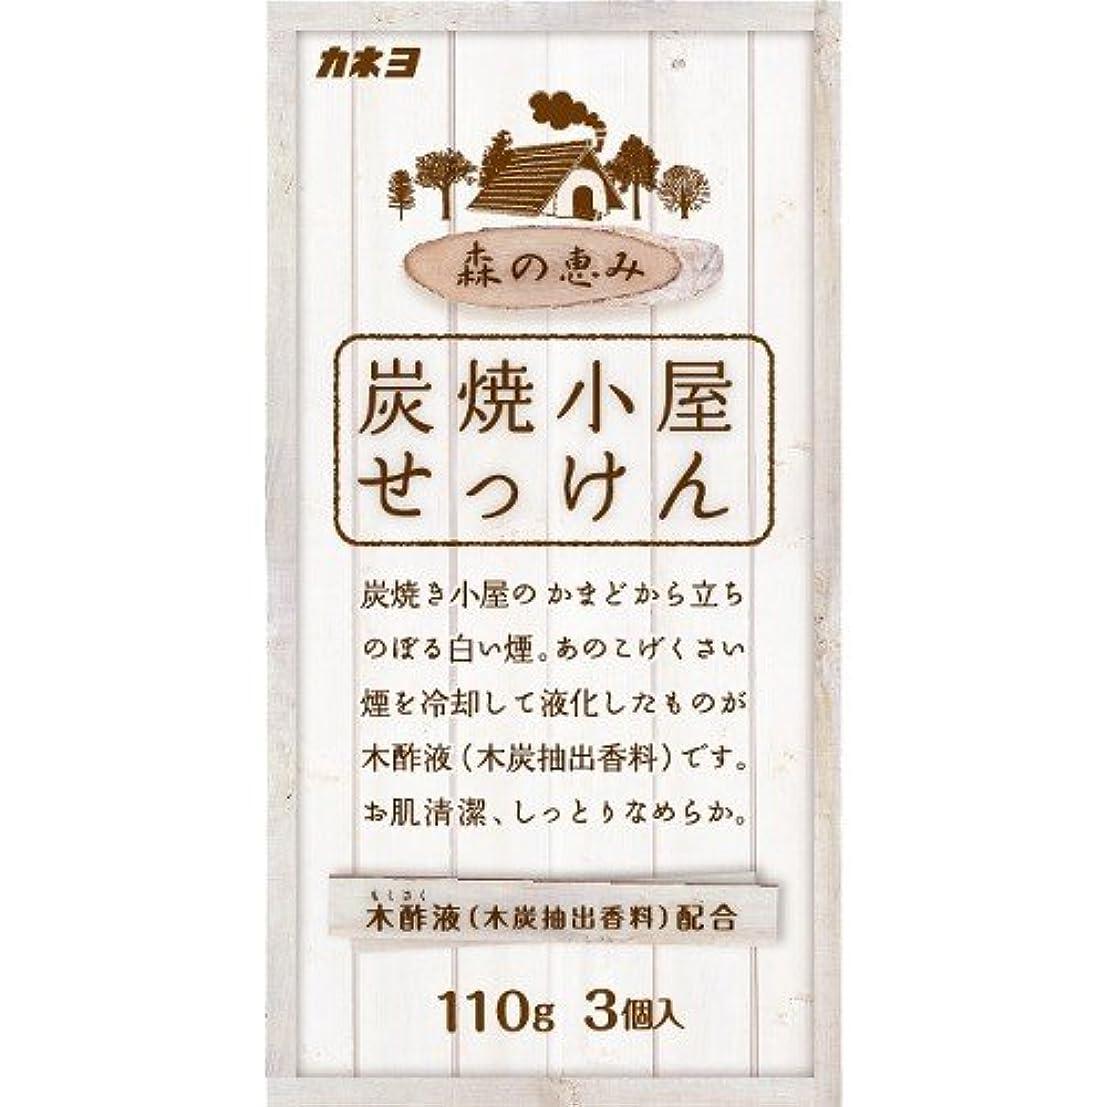 スラッシュ章ピニオンカネヨ石鹸 炭焼小屋 化粧石けん 110g×3個入